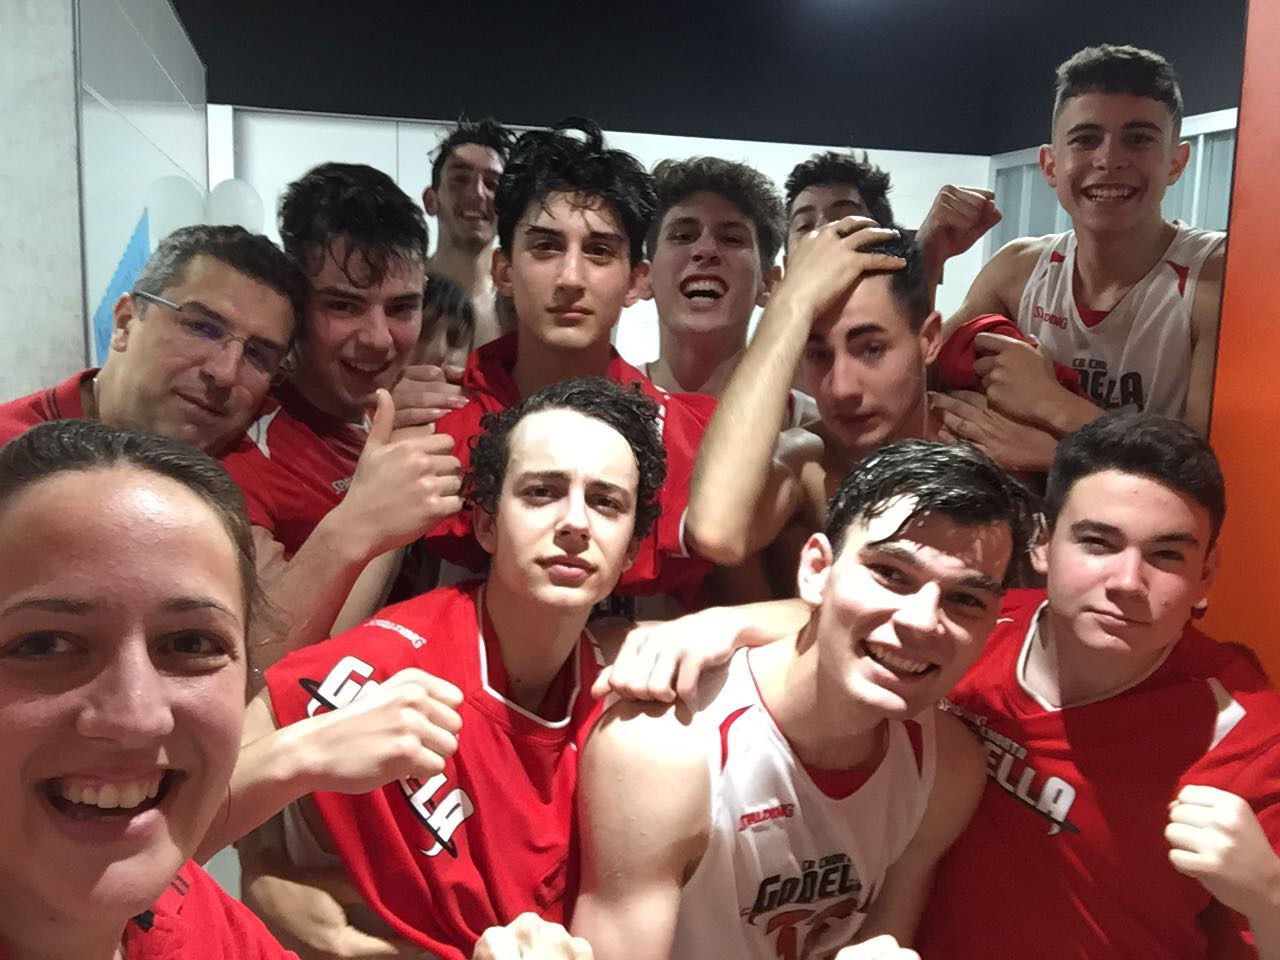 El #CadMascA logra el Subcampeonato Autonómico y se clasifica para el Campeonato de España de Clubes que tendrá lugar en Lleida.